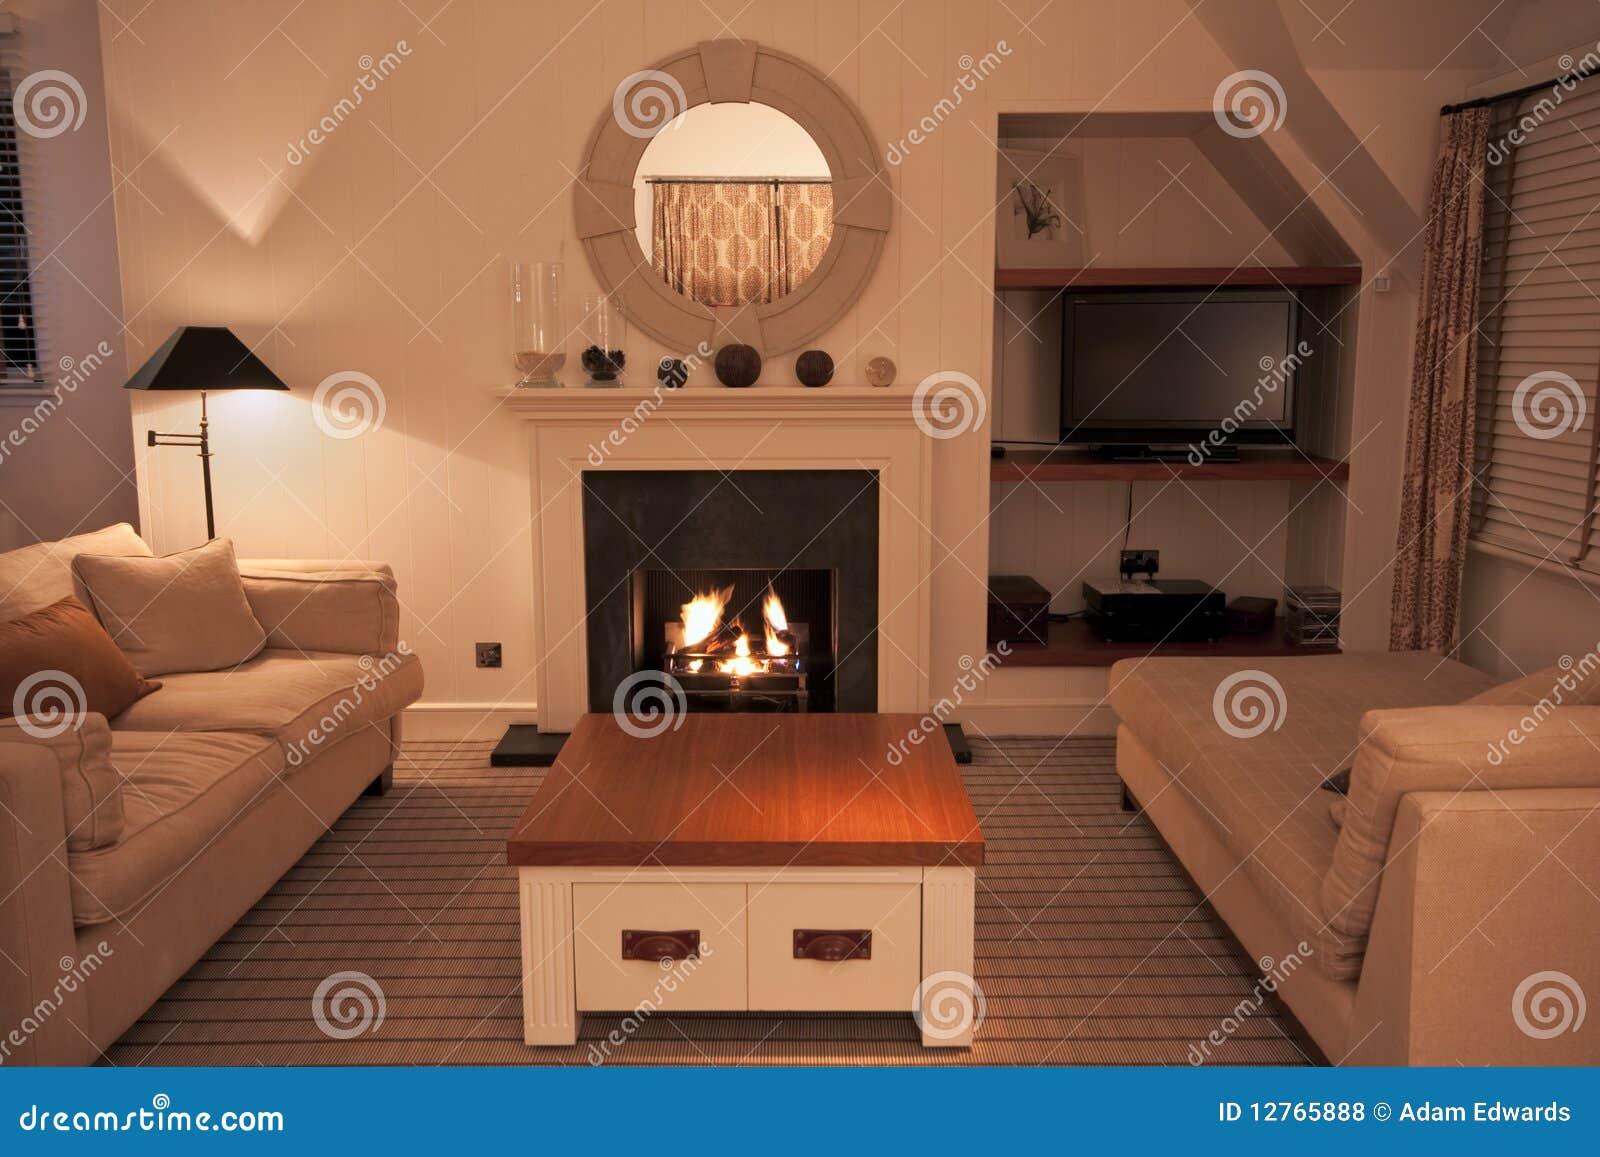 sala de estar moderna lujosa con el fuego encendido foto ForSala De Estar Lujosa